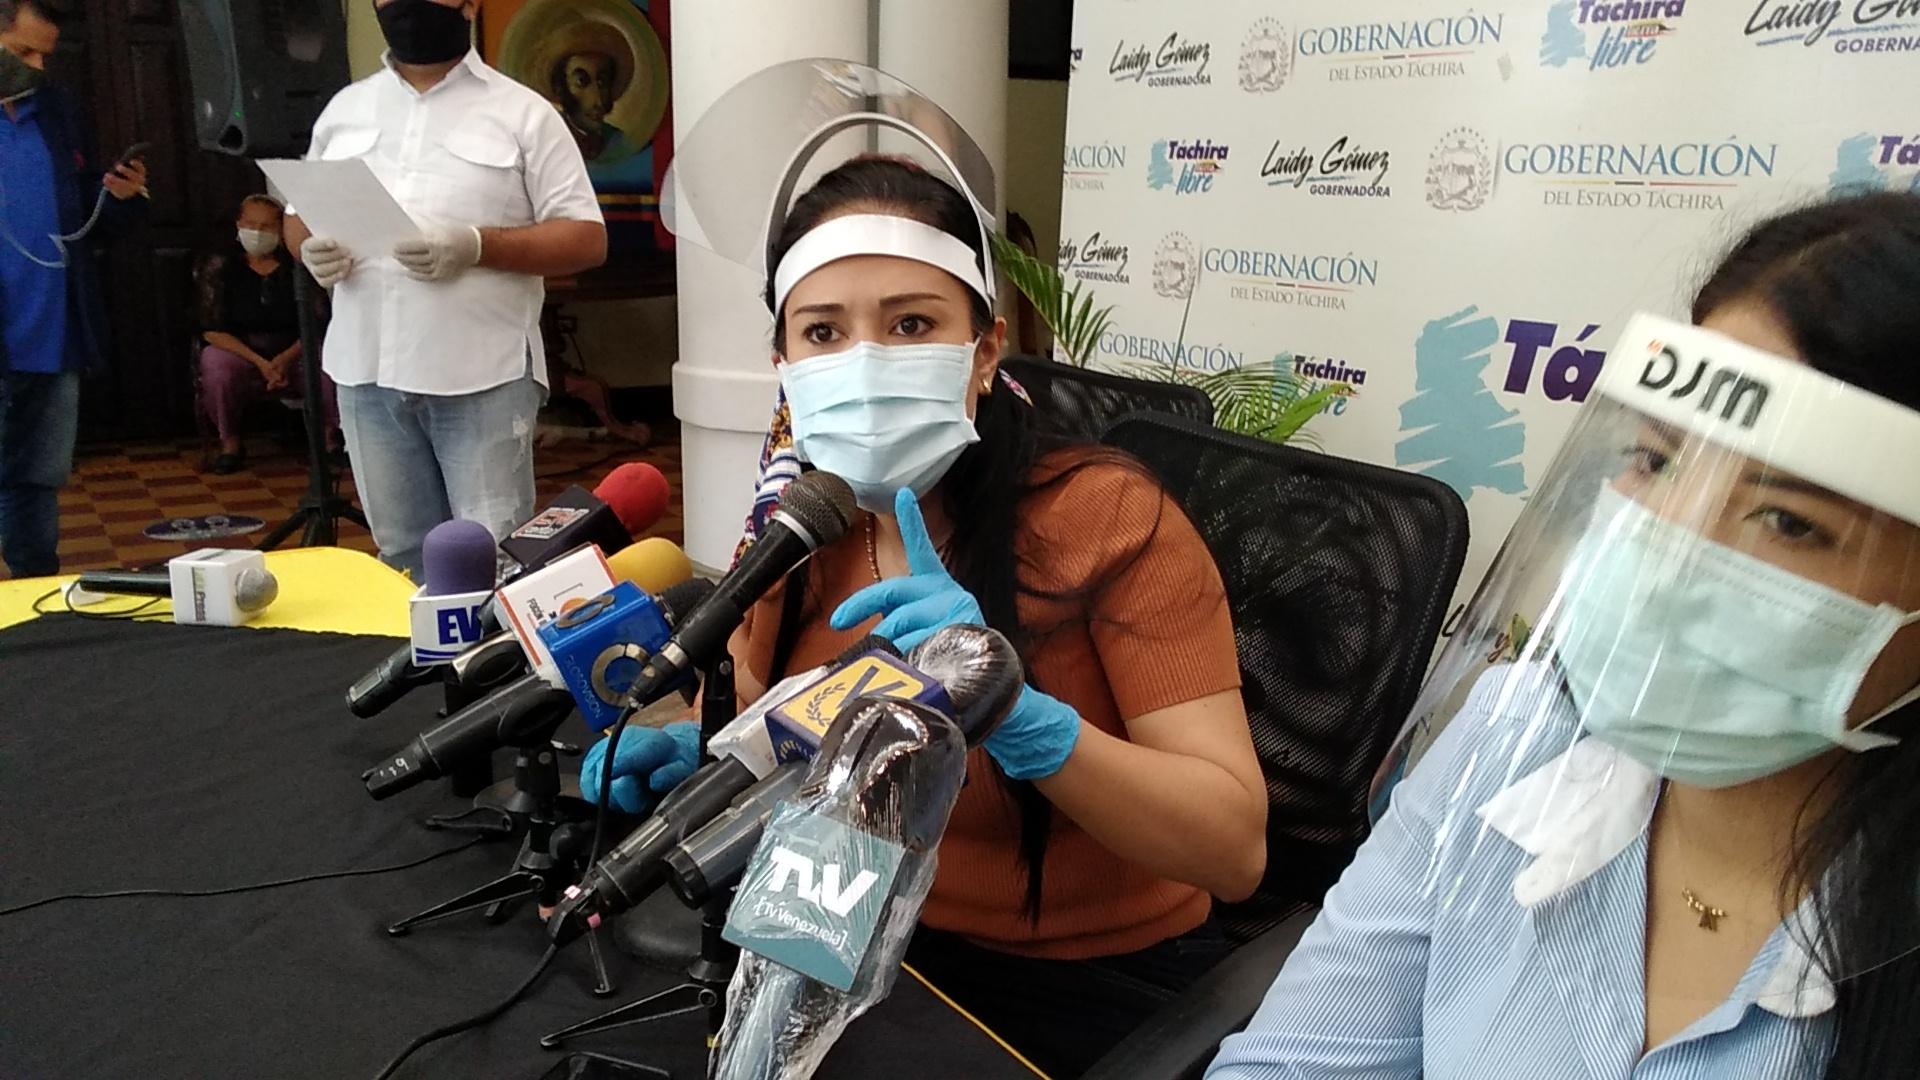 Escasez de gasolina afecta traslado de pacientes en Táchira, denuncia gobernadoraEscasez de gasolina afecta traslado de pacientes en Táchira, denuncia gobernadora